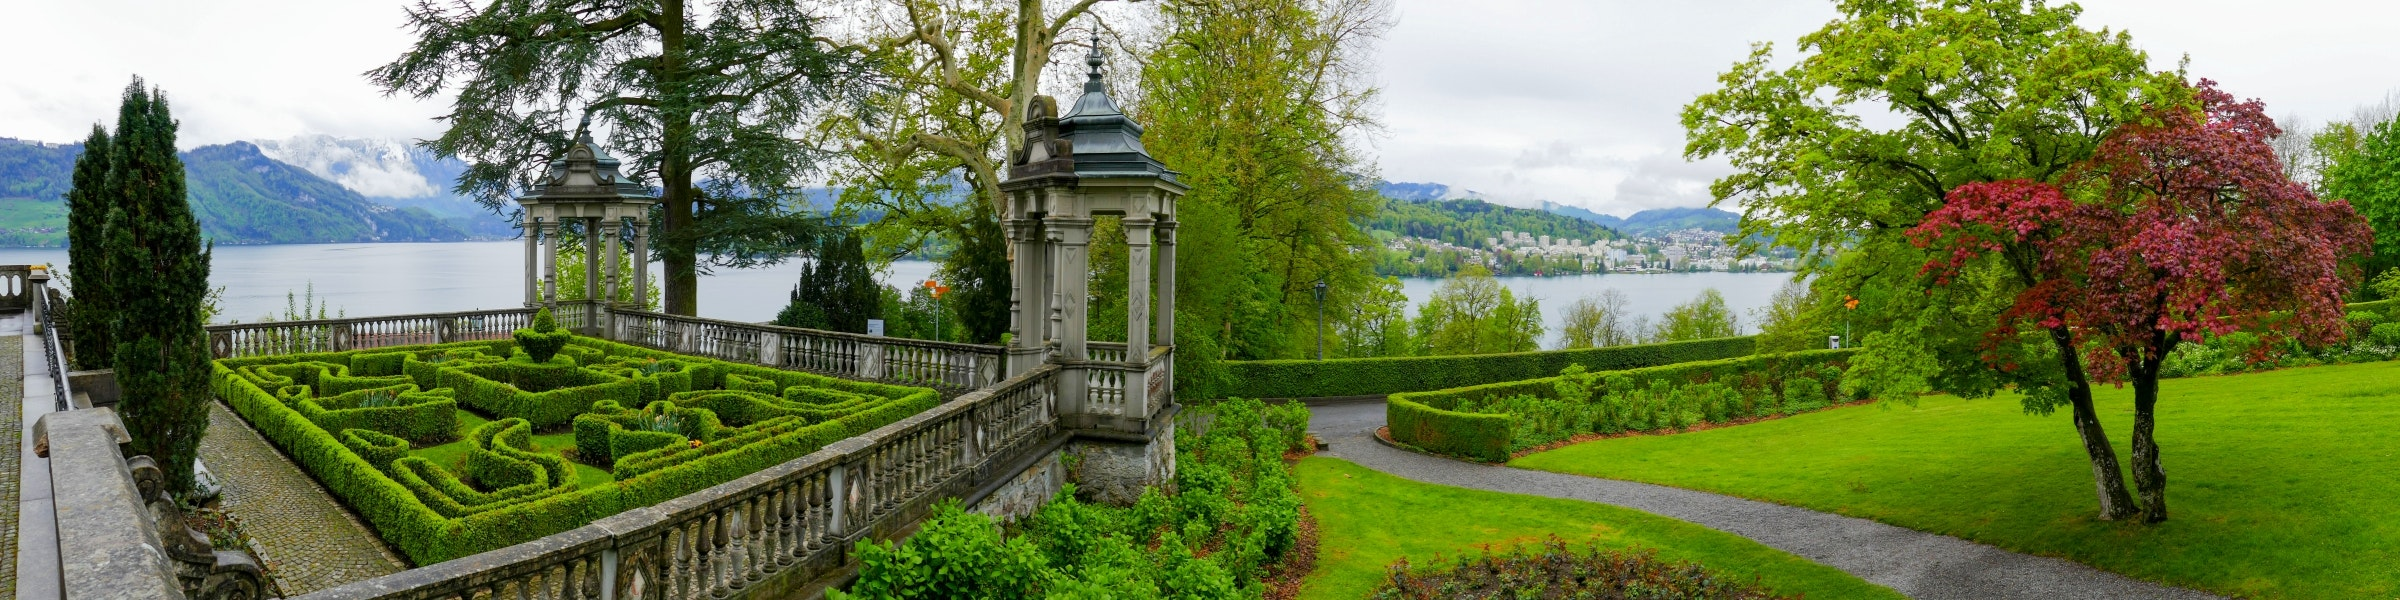 Meggenhorn Castle garden